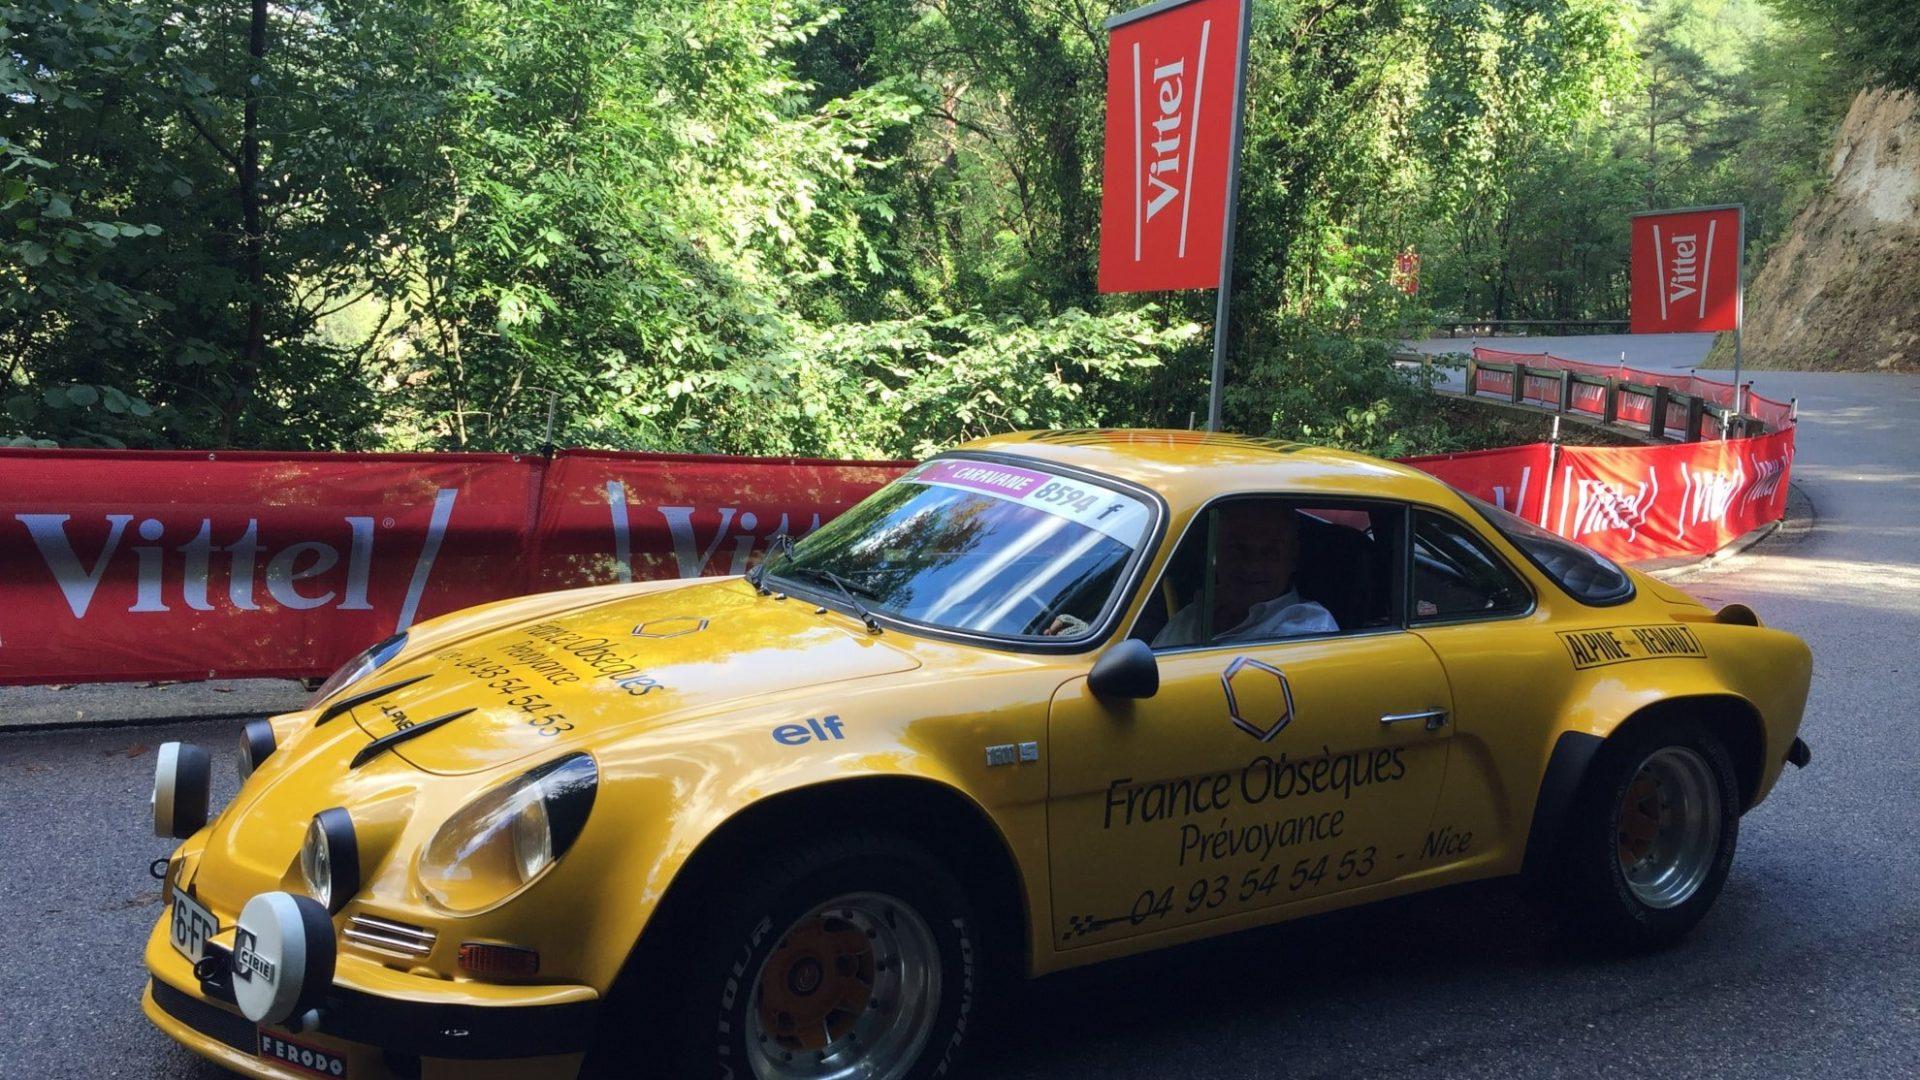 Patrick ROBAUT Tour de France 2020 Alpine